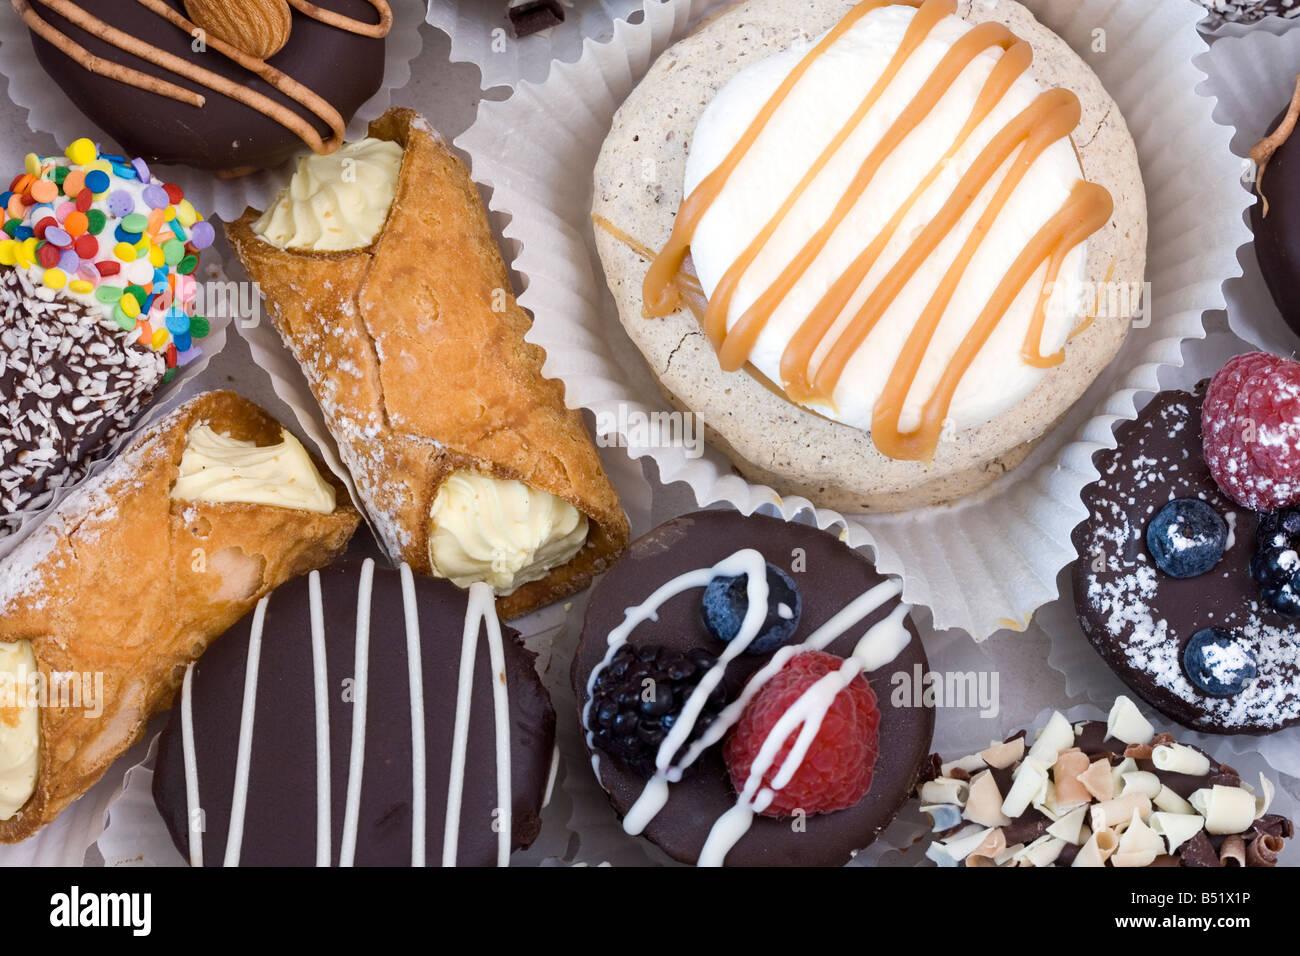 cakes background - Stock Image